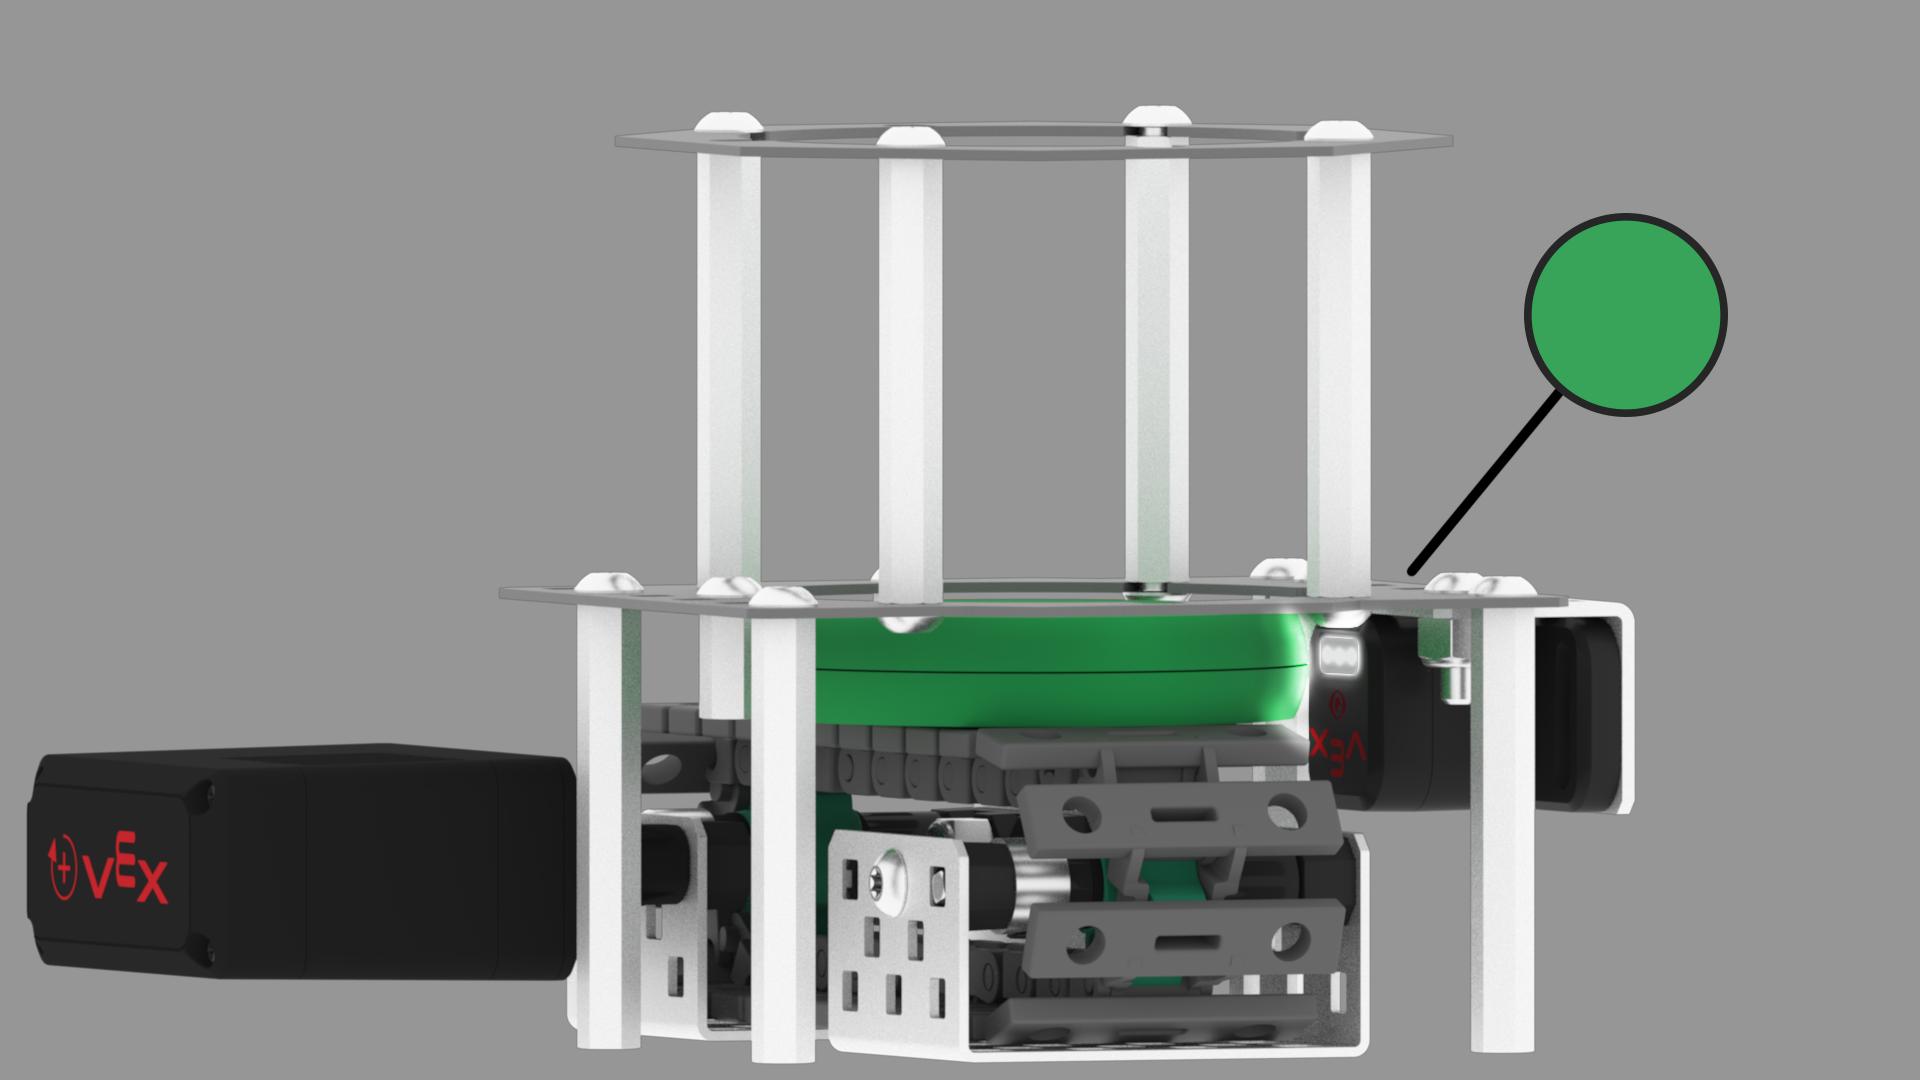 实验室_11_光感器检测1.png